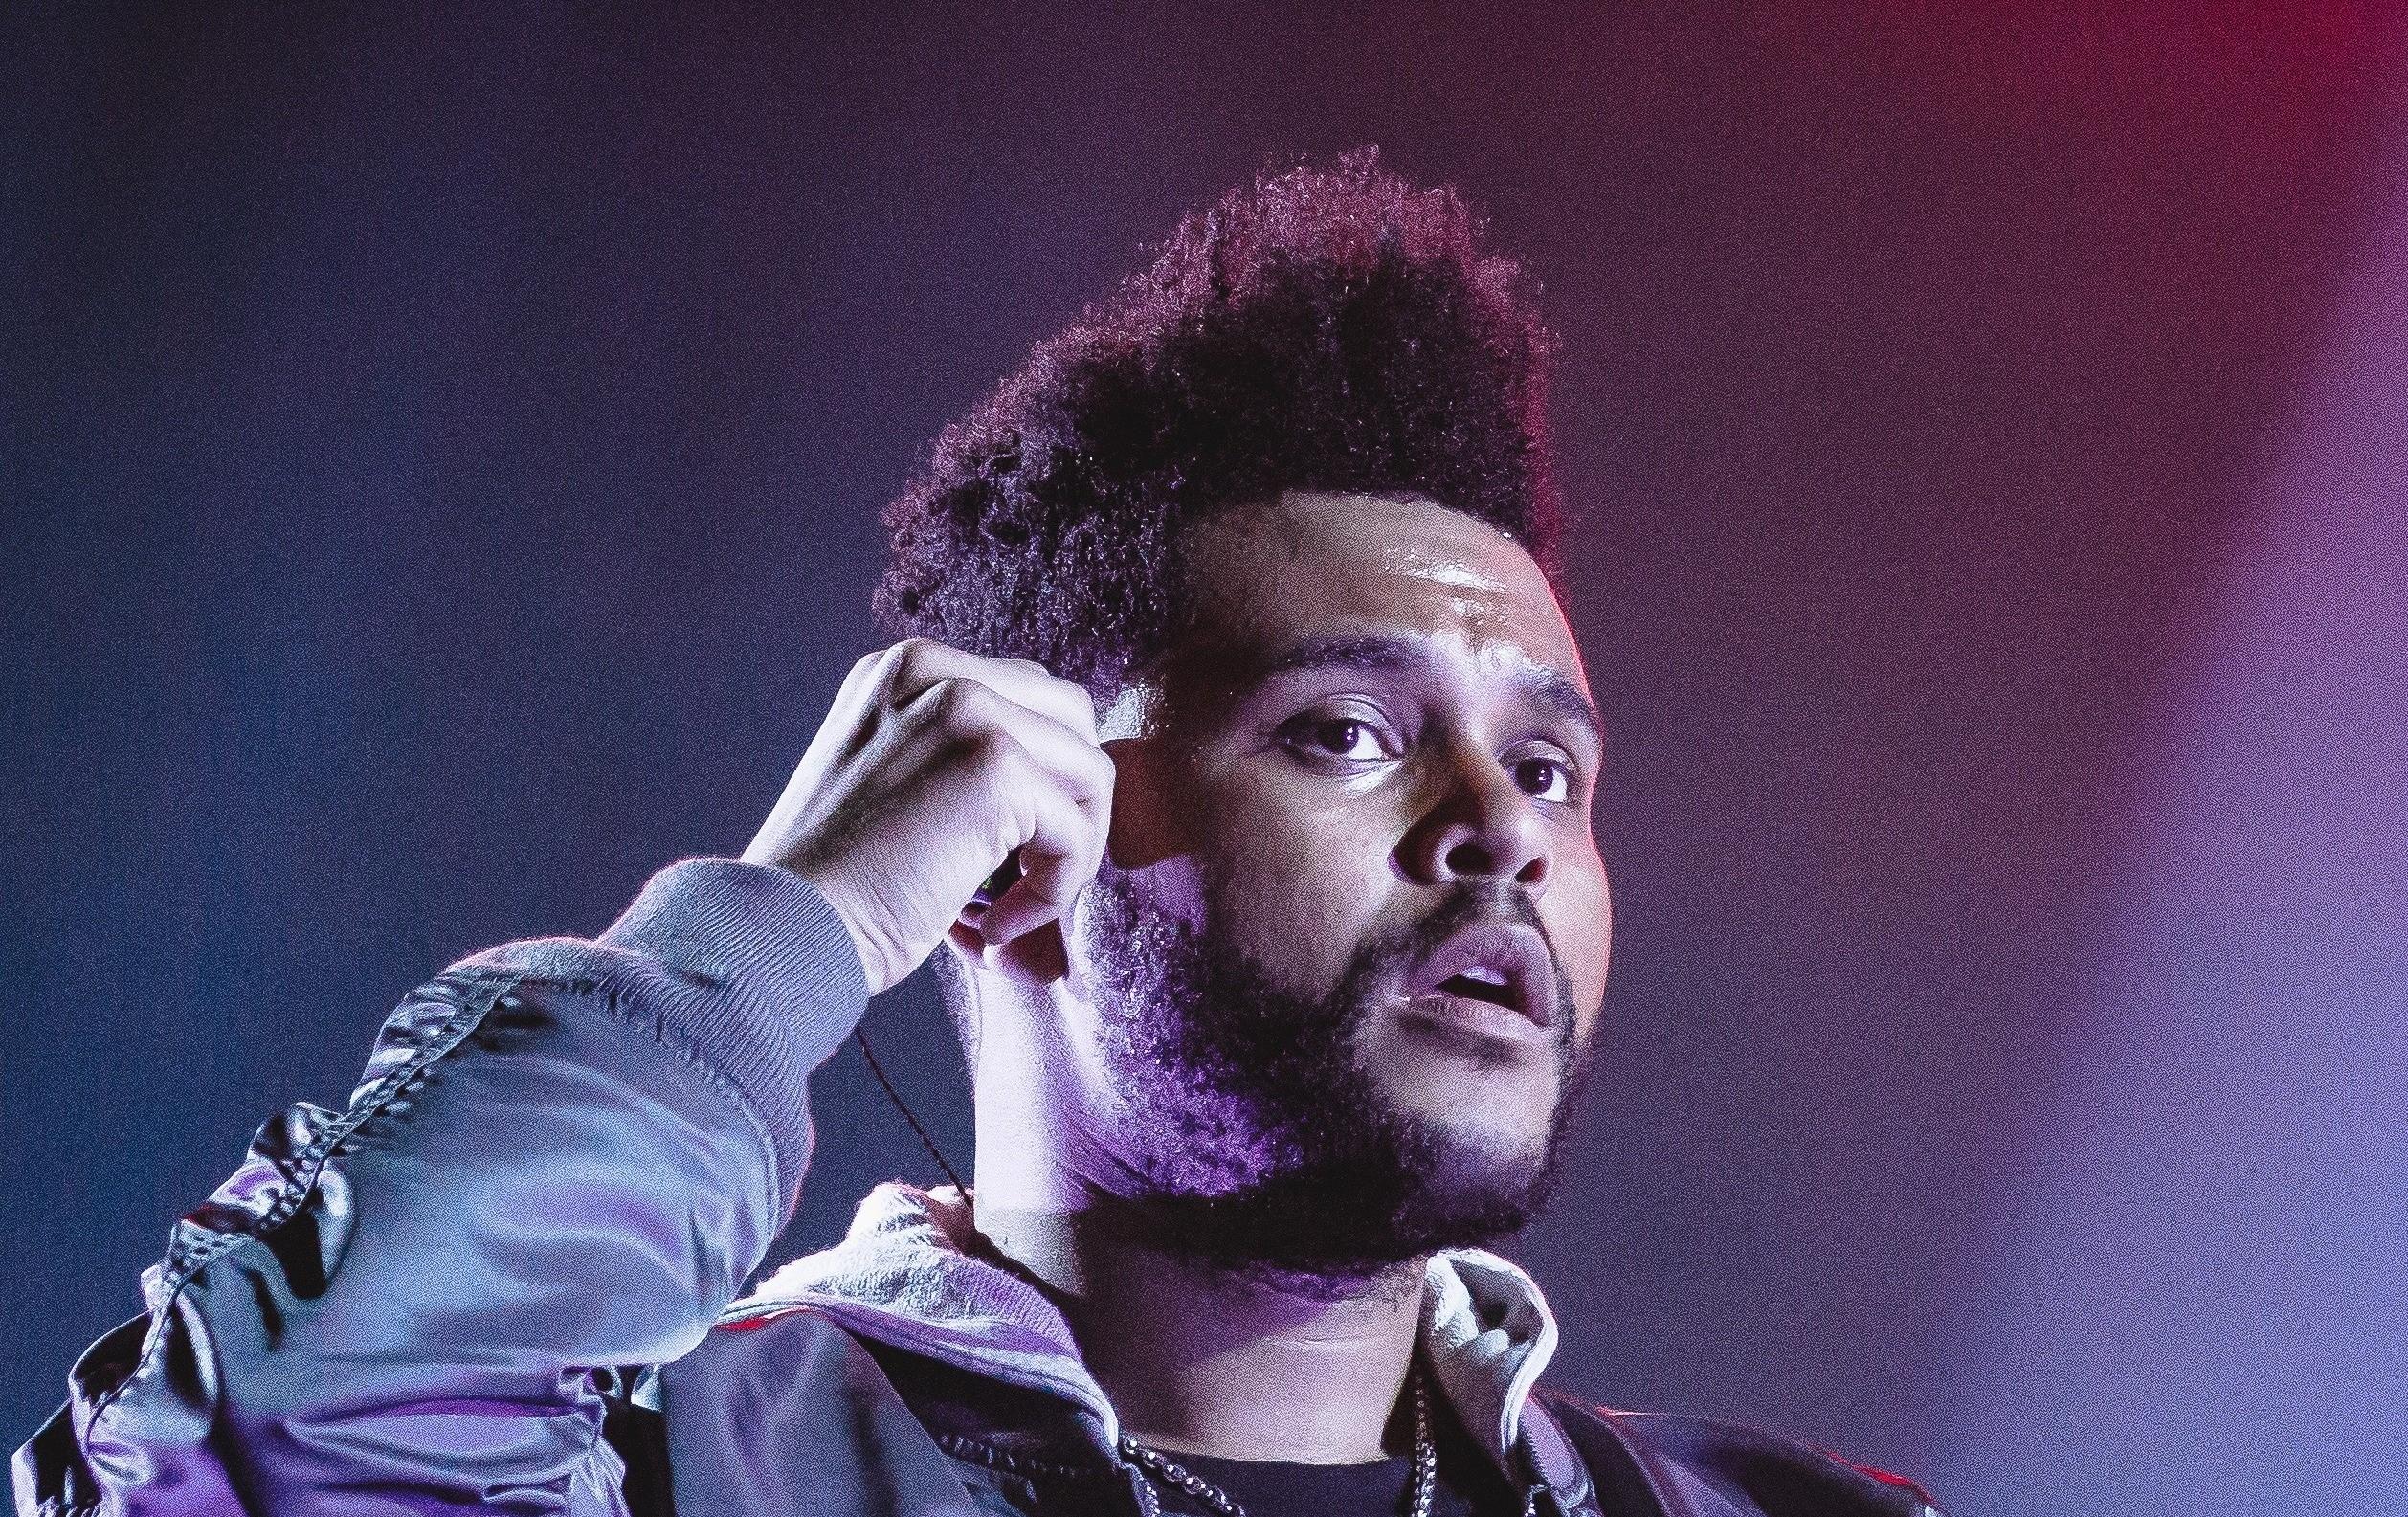 Biografía de The Weeknd